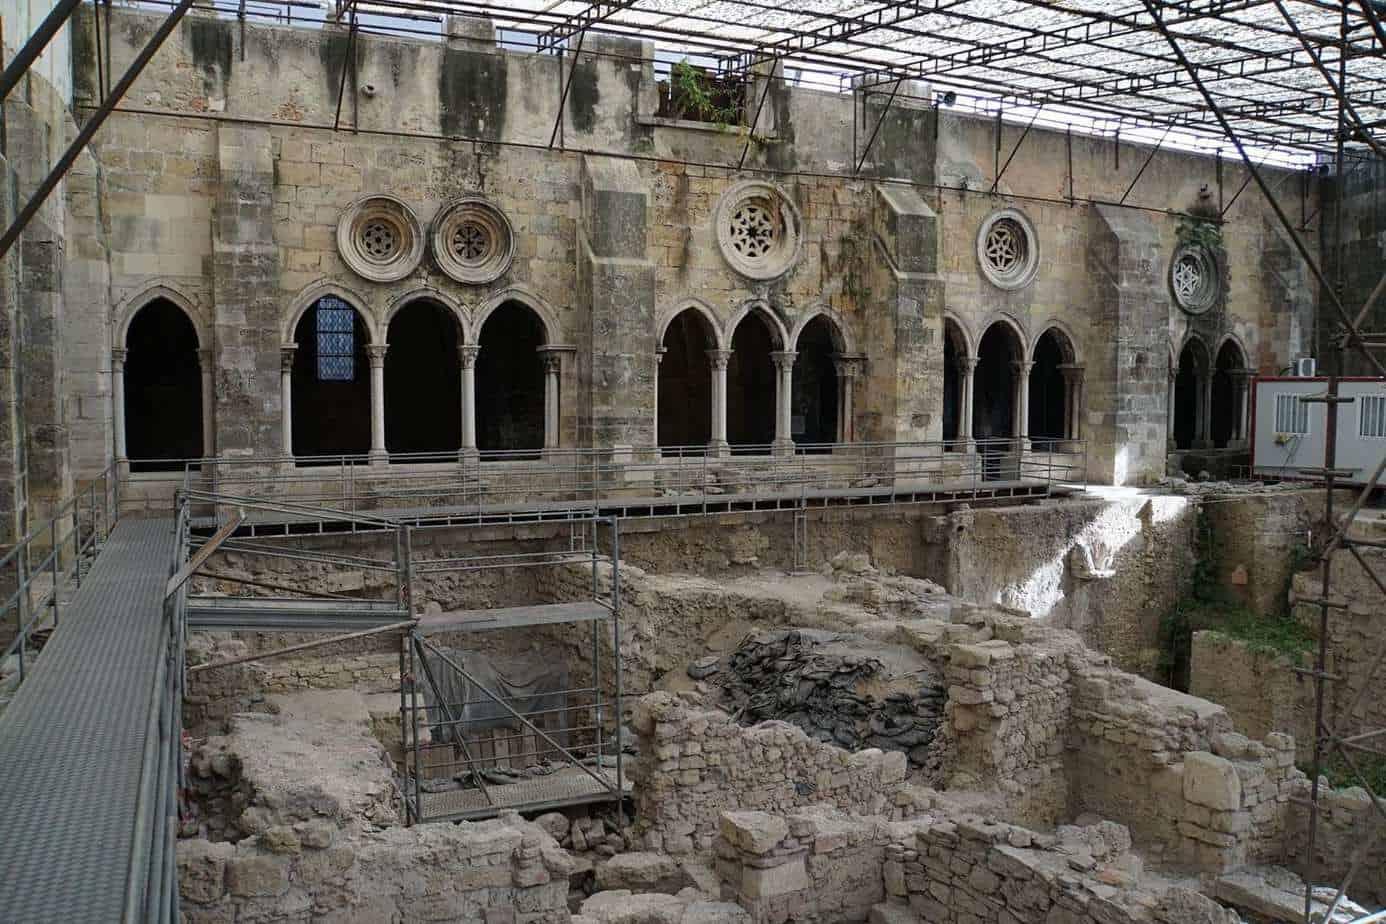 ExploreTraveler Presents: Exploring Lisbon Portugal Part 1 - A large stone building - Archaeological site